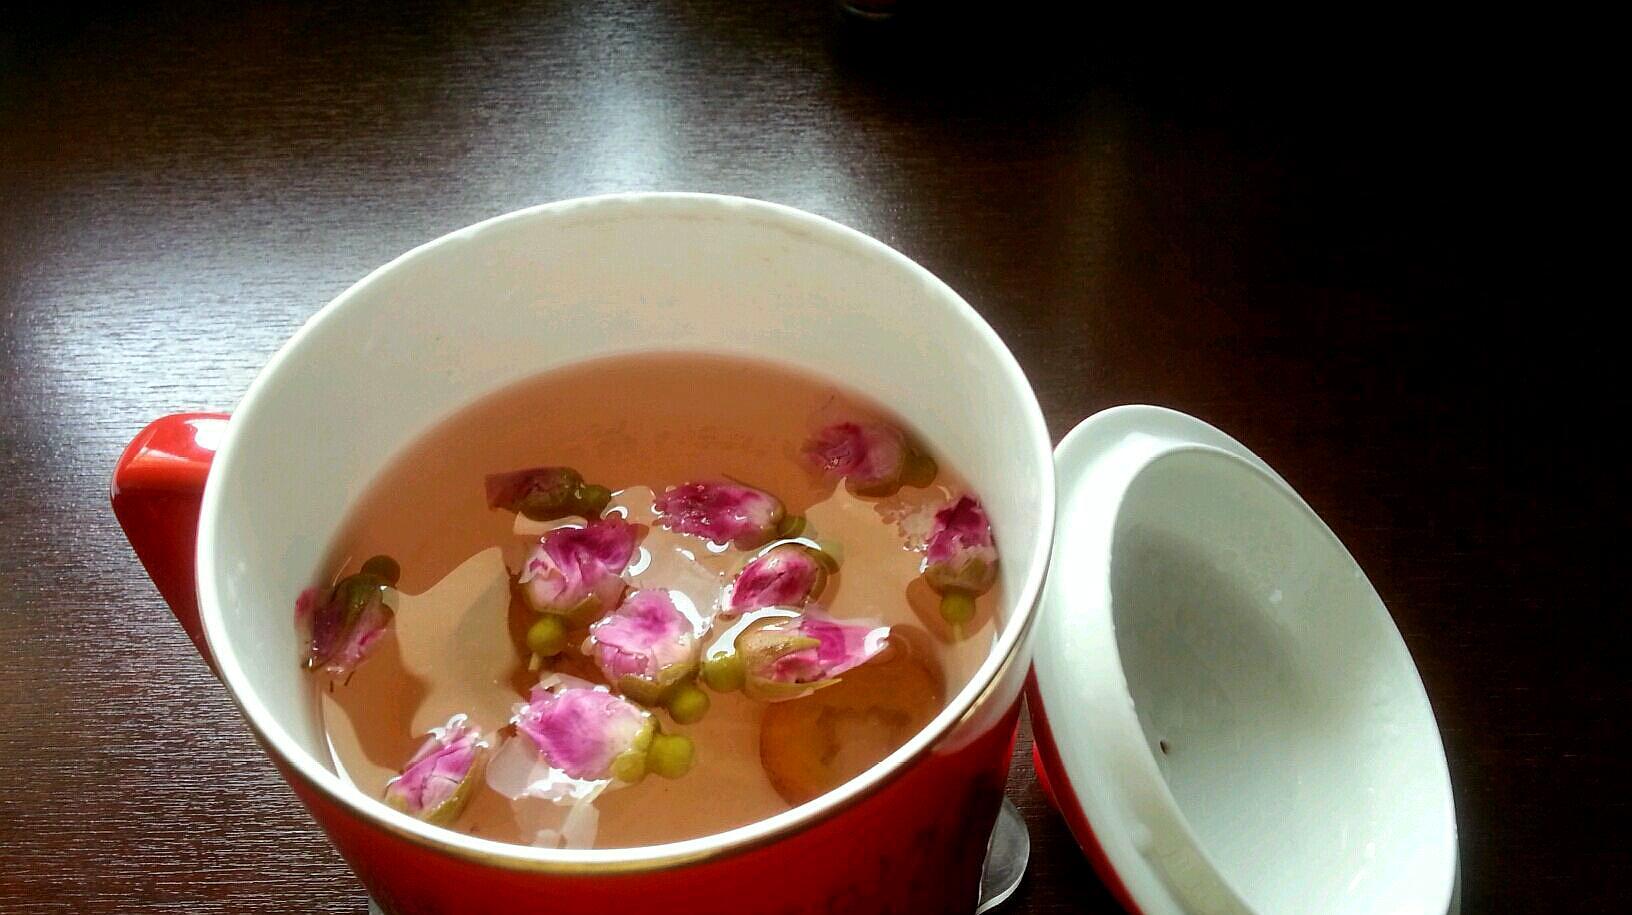 教你正确泡玫瑰花茶的方法,学会了真是方便,好喝!